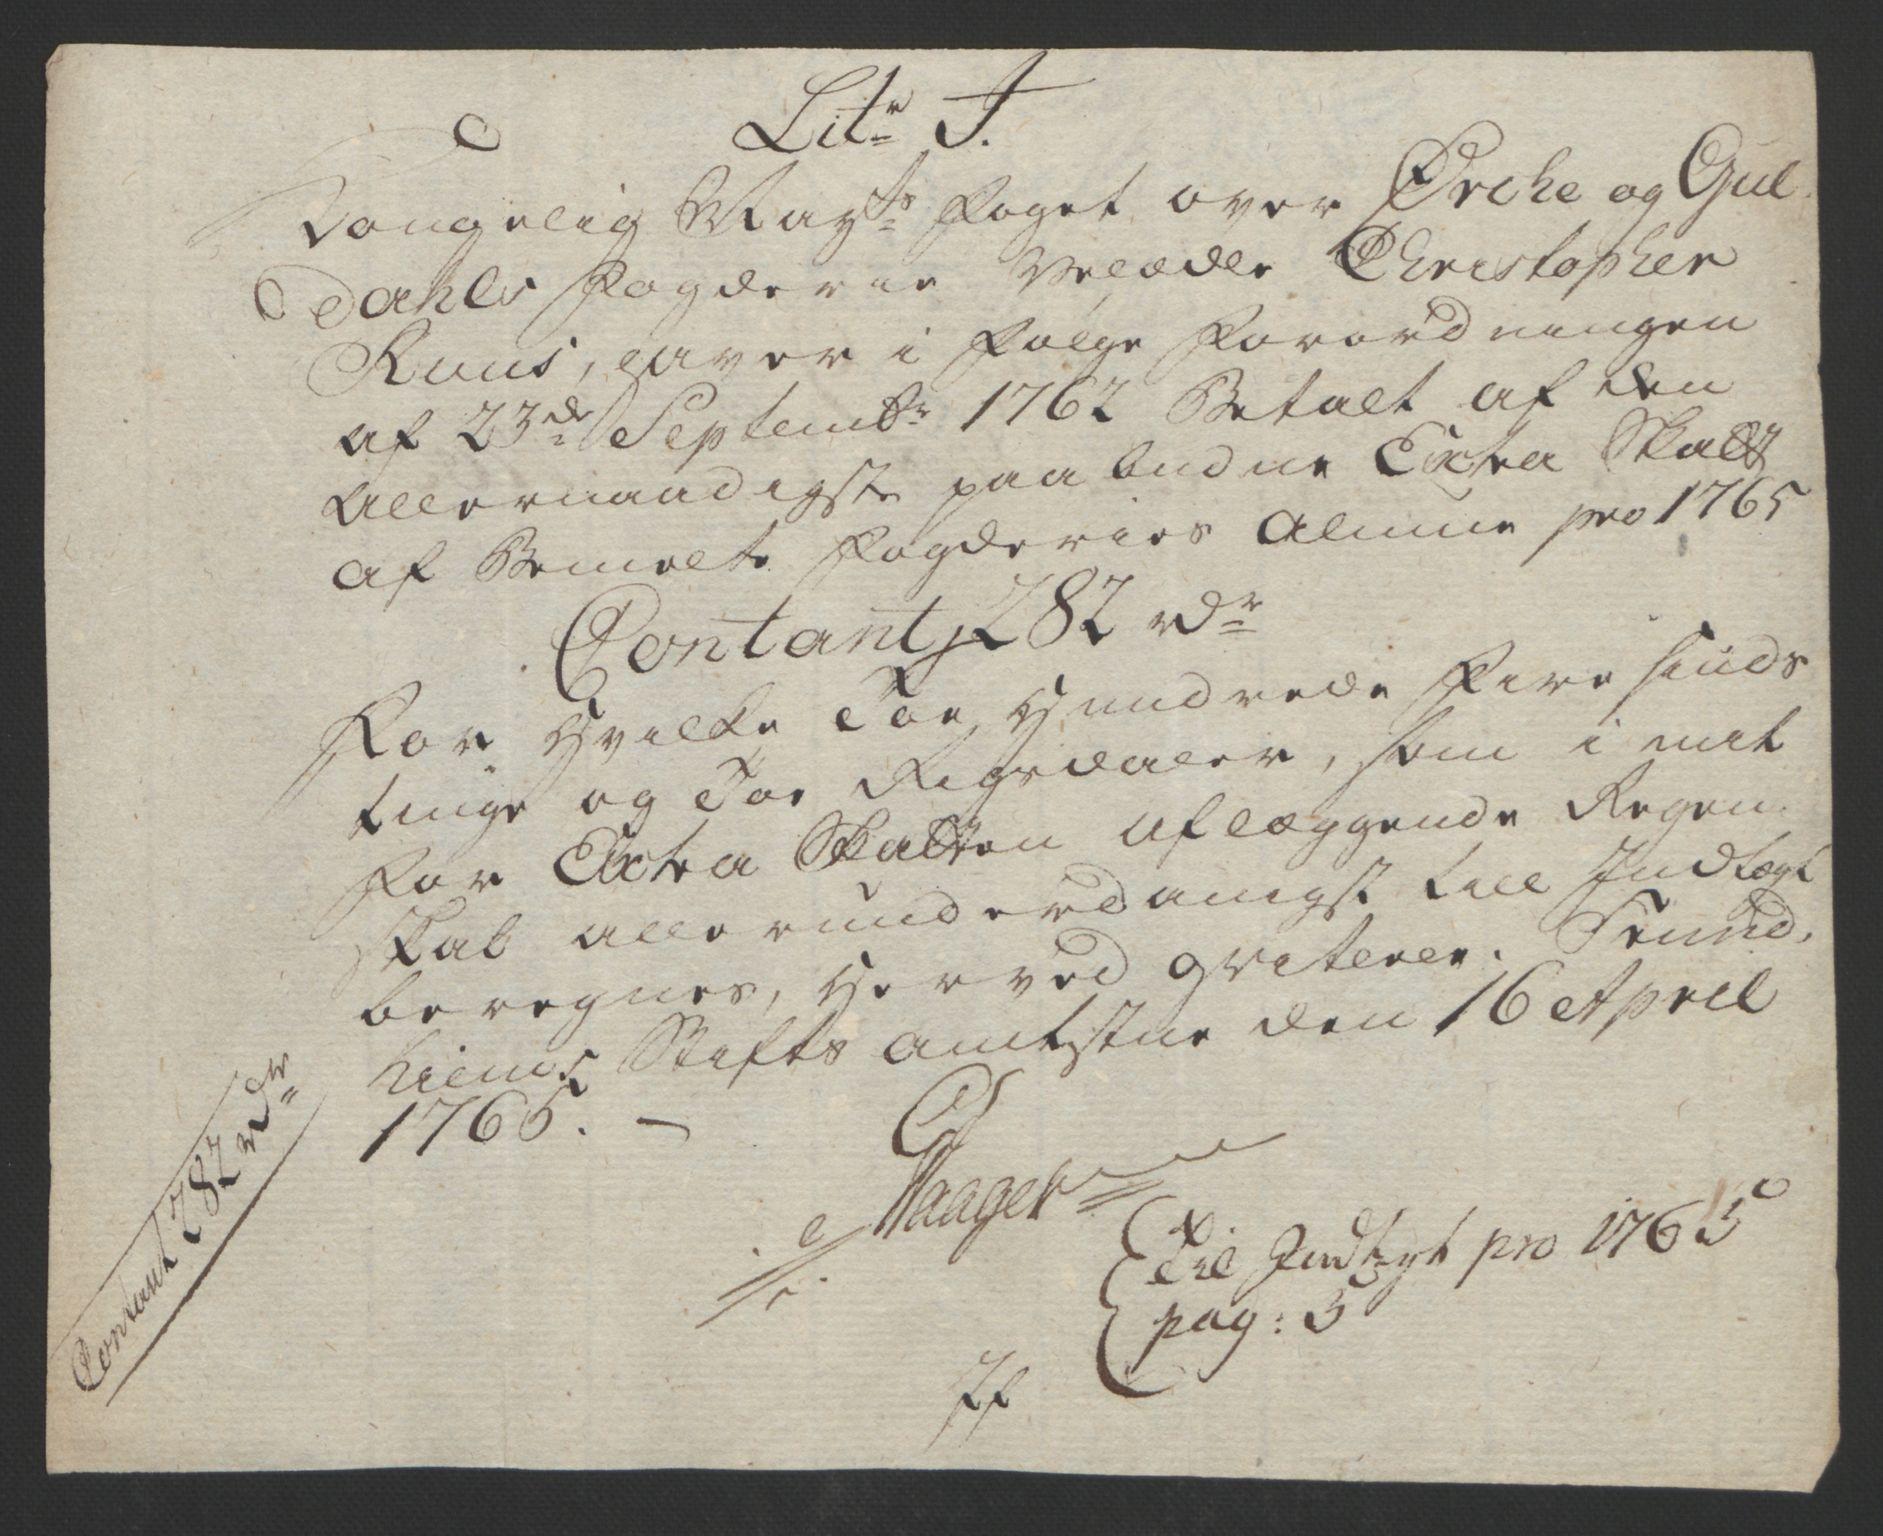 RA, Rentekammeret inntil 1814, Reviderte regnskaper, Fogderegnskap, R60/L4094: Ekstraskatten Orkdal og Gauldal, 1762-1765, s. 285